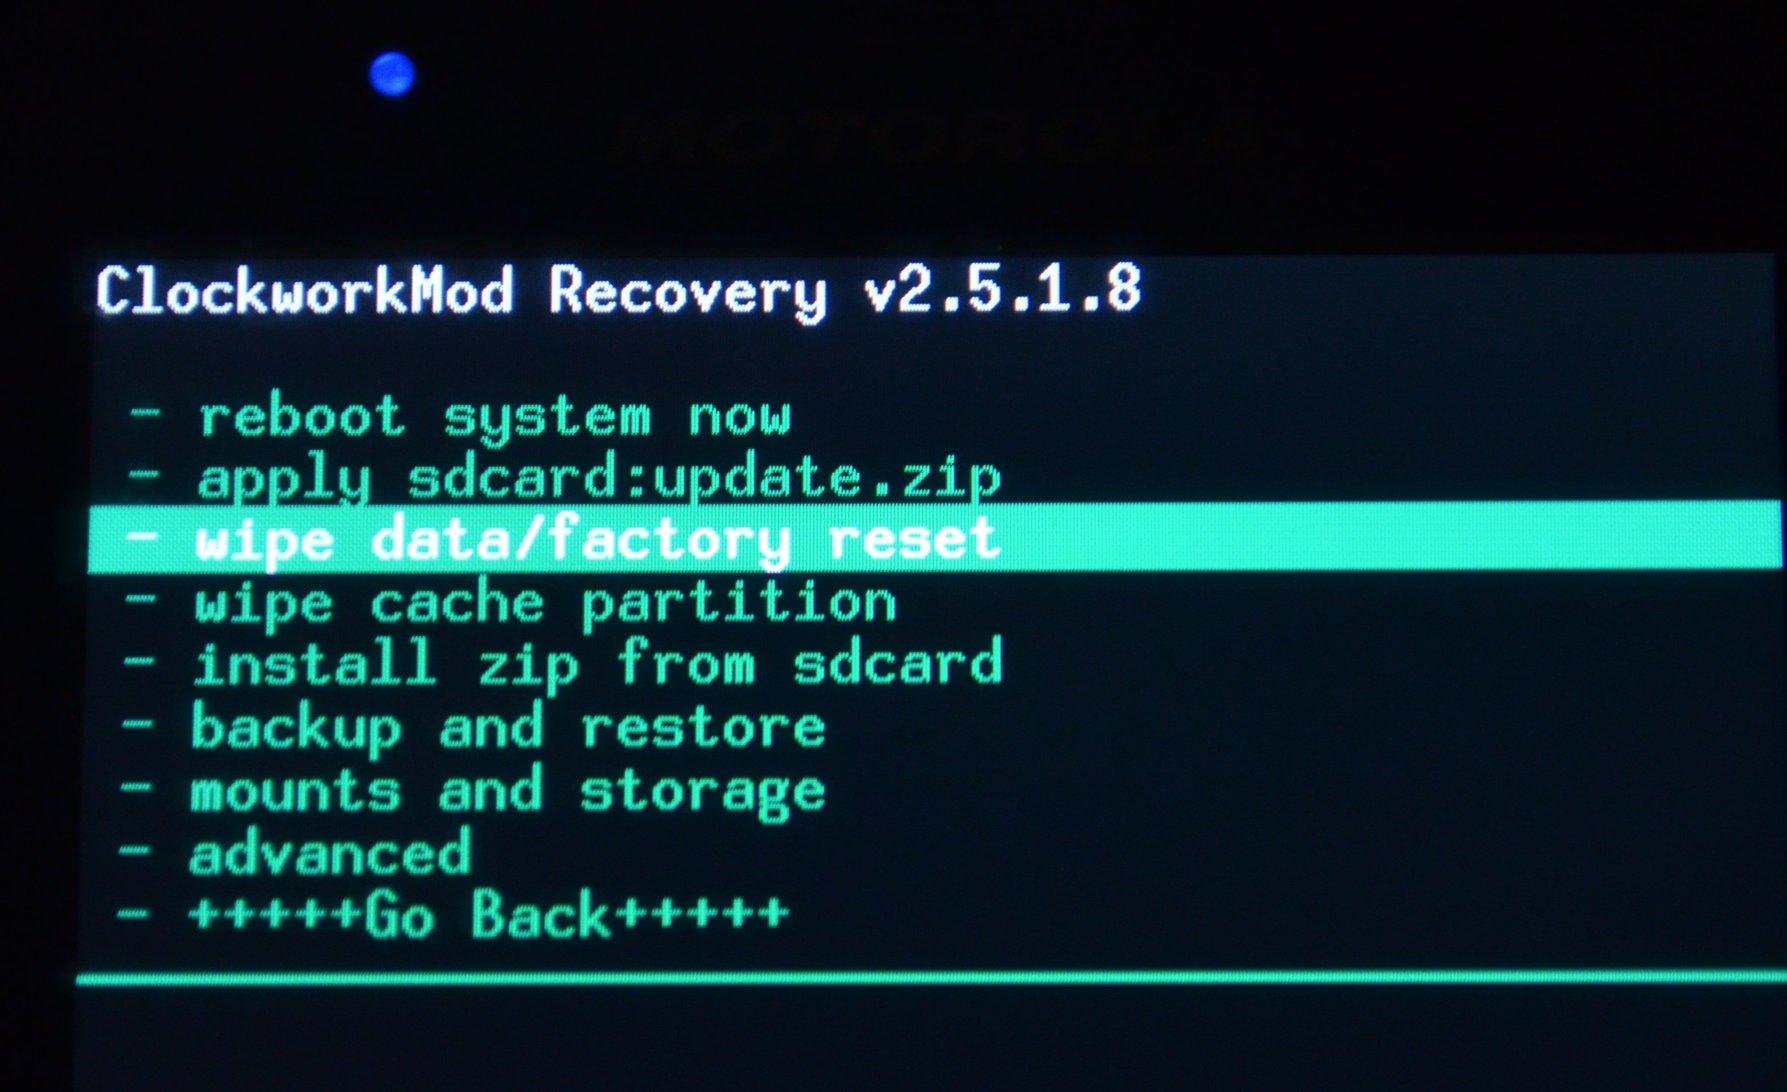 Wipe data factory reset: что это такое и как правильно сбросить настройки на android - [решено]